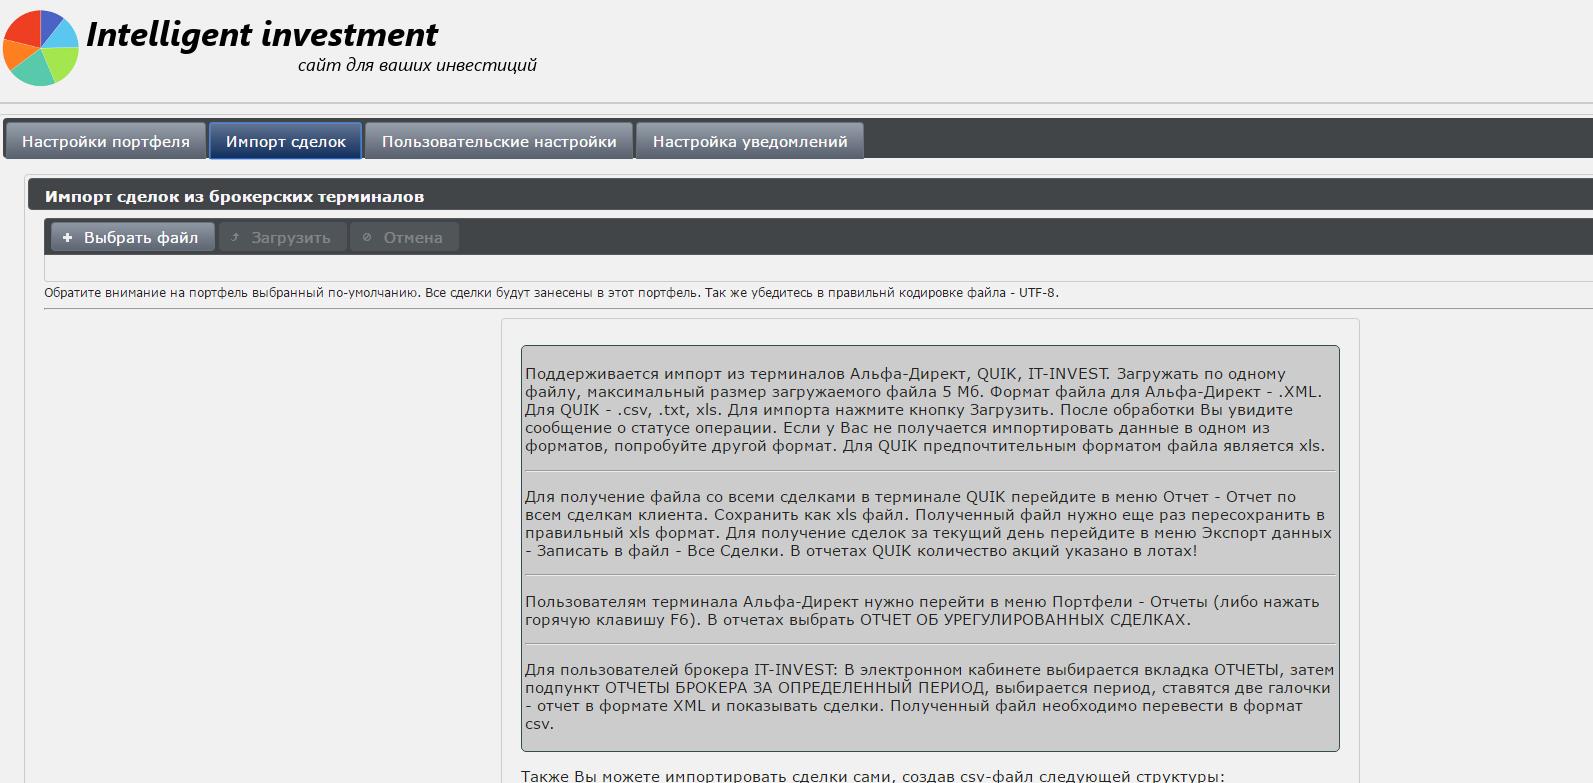 Загрузка данных из intelinvest.ru